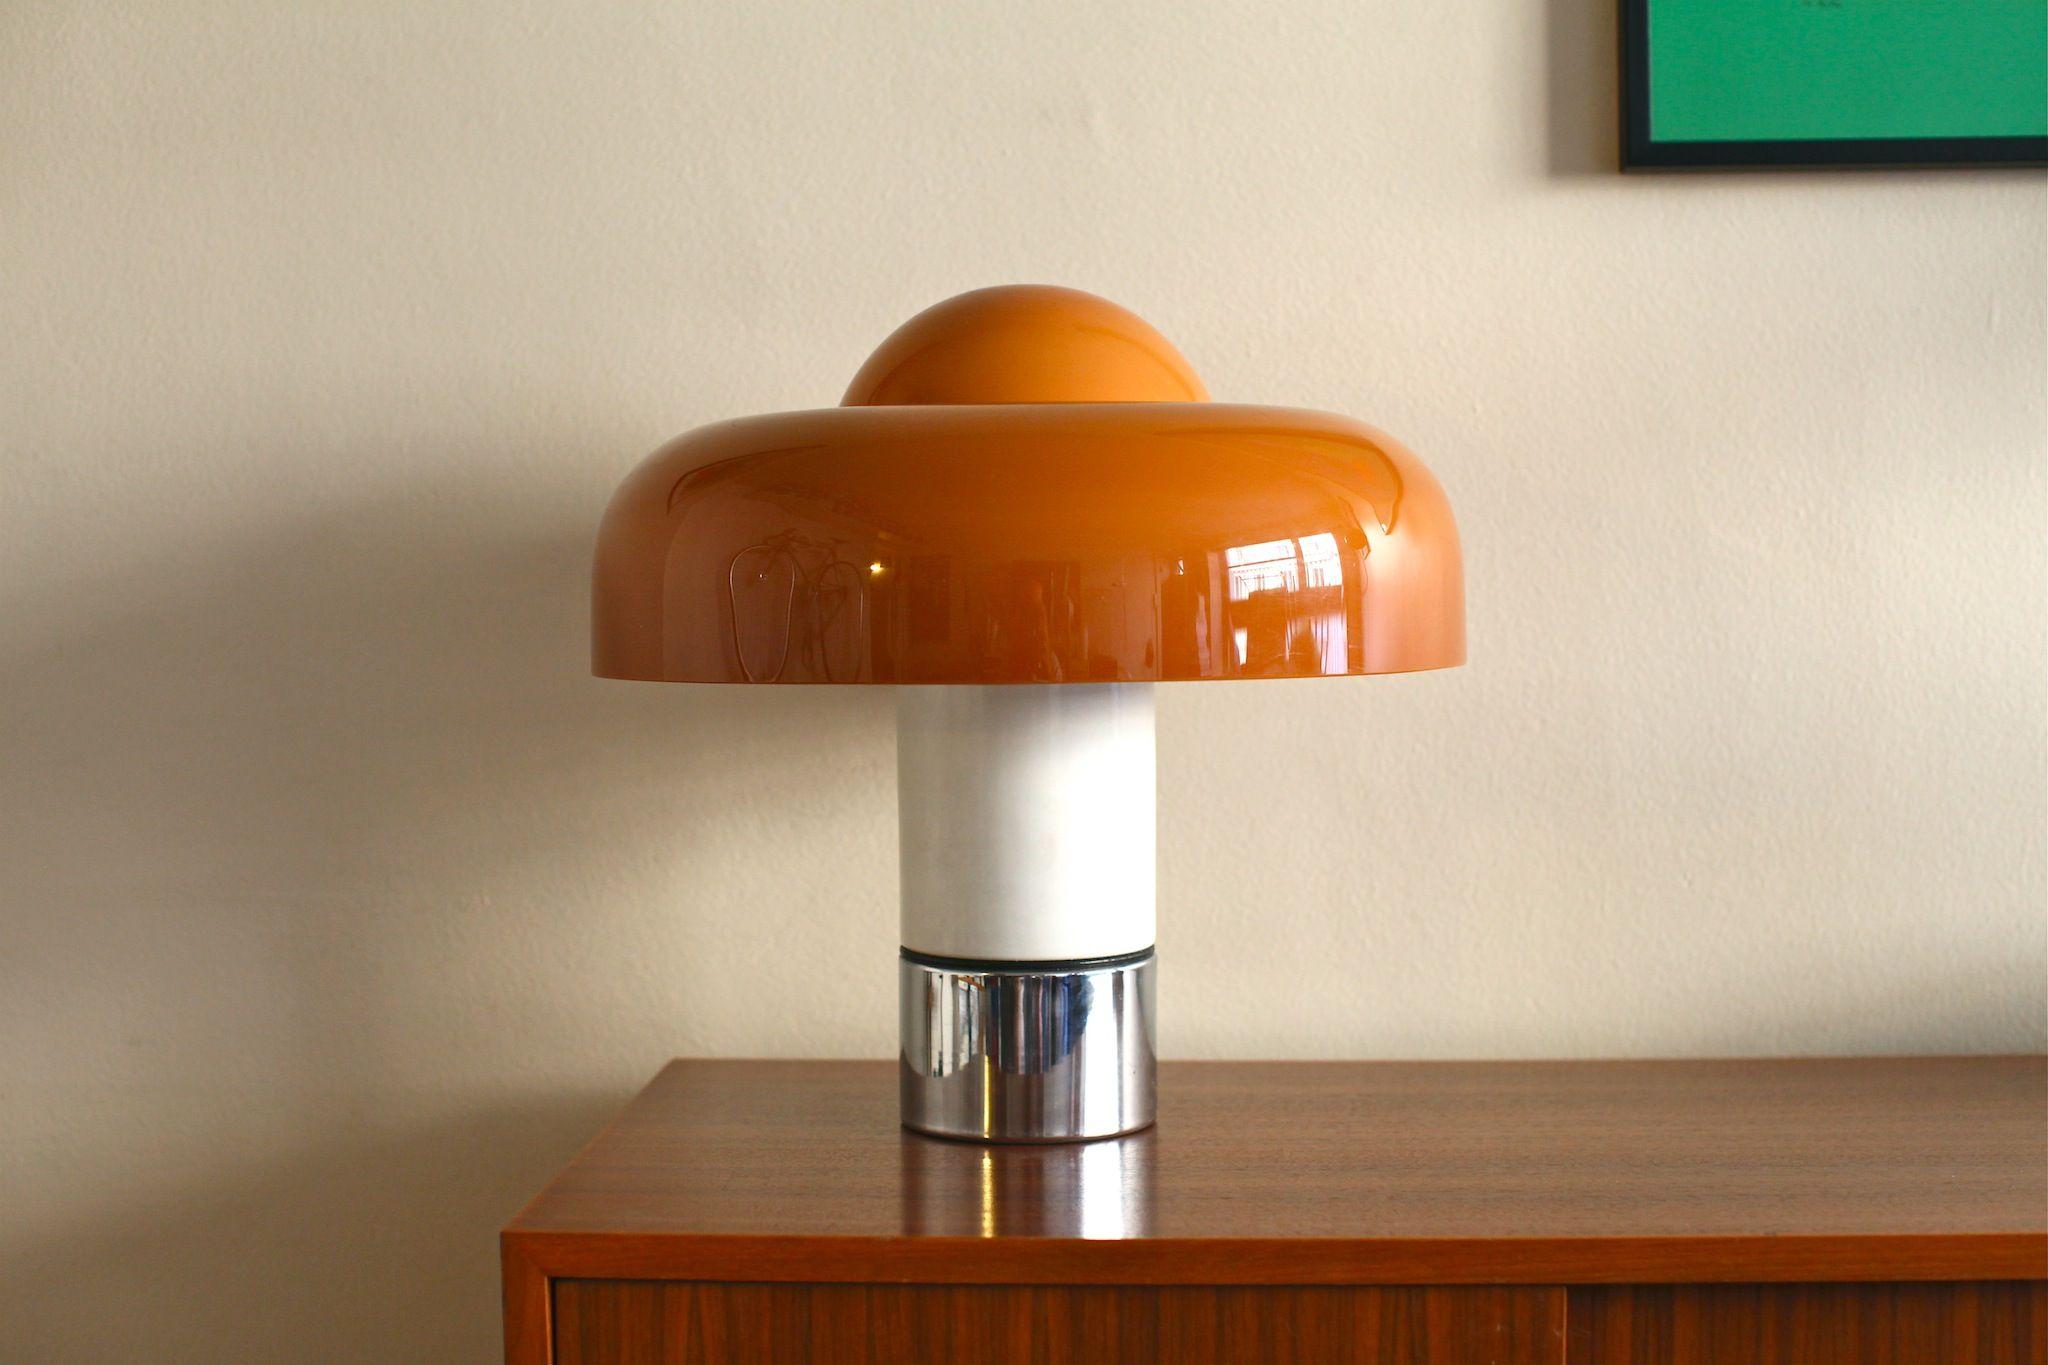 Lampe Brumbury Via Goodmoods Light En 2019 Lampe